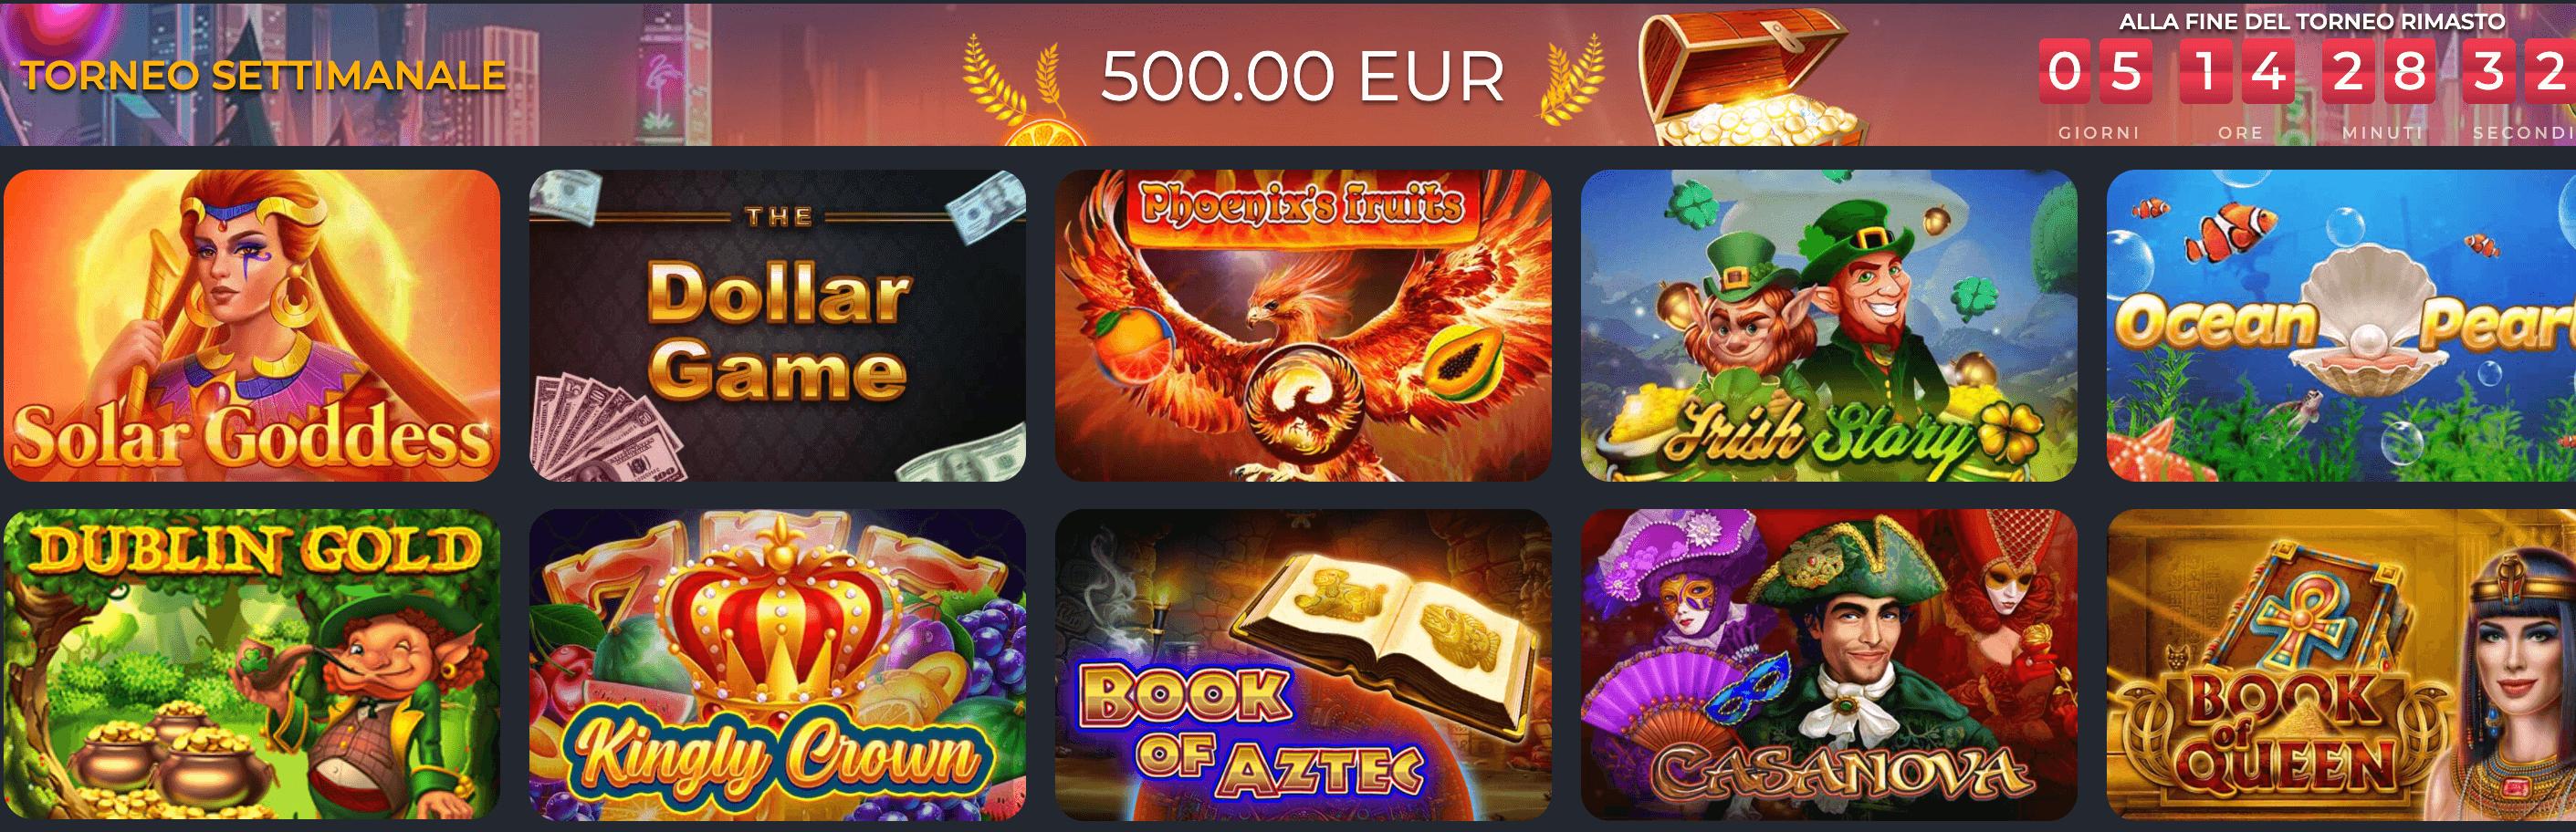 RichPrize Casino Slot